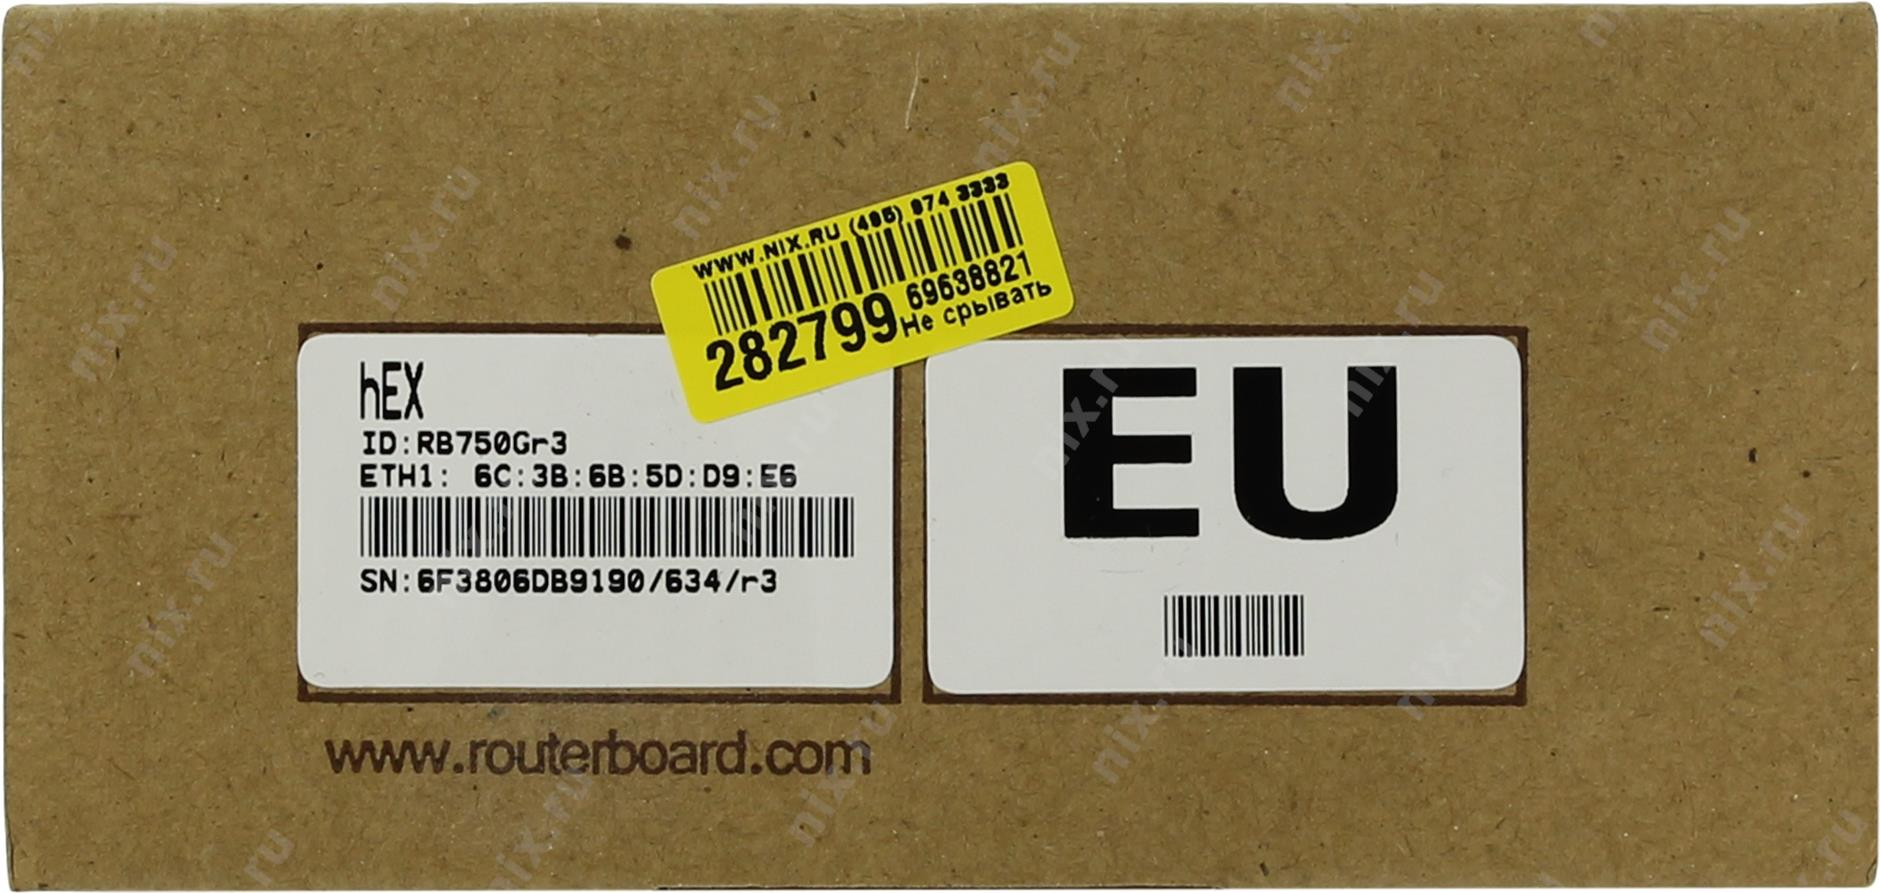 Mikrotik Routerboard Hex Rb750gr3 4 X Rj45 R3